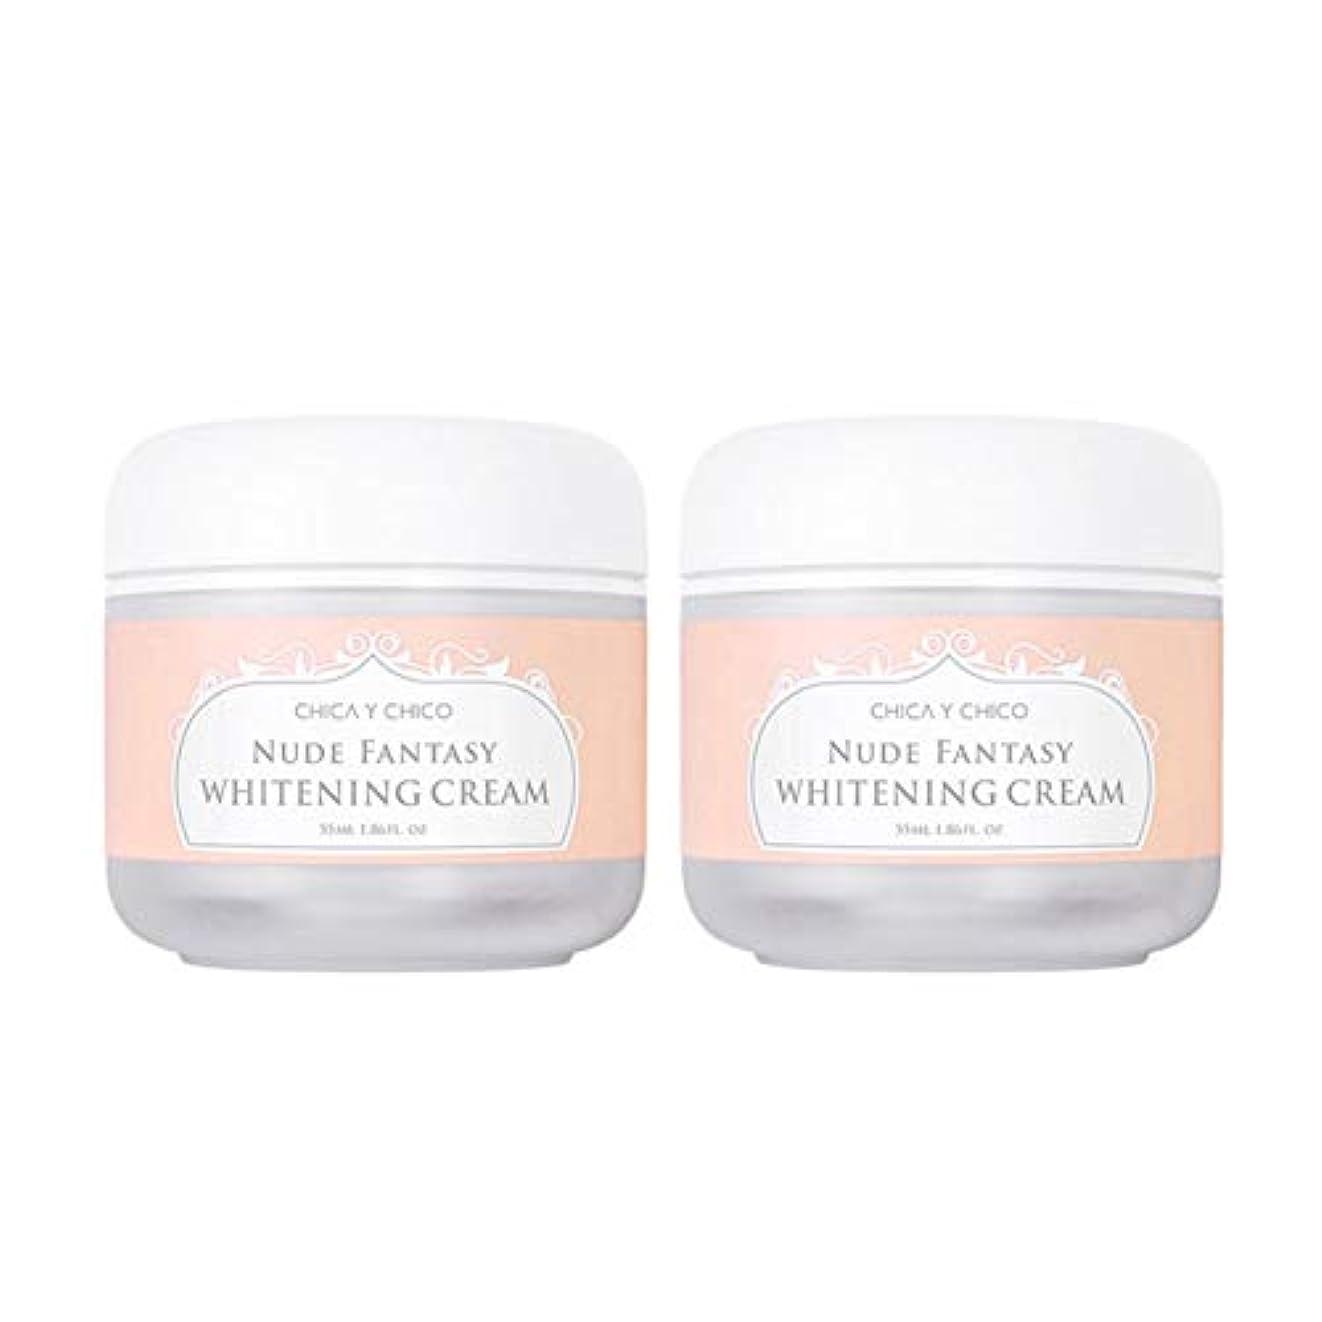 気楽な迷惑レインコートチカ?イ?チーコヌードファンタジーホワイトニングクリーム55mlx2本セット韓国コスメ、Chica Y Chico Nude Fantasy Whitening Cream 55ml x 2ea Set Korean Cosmetics...